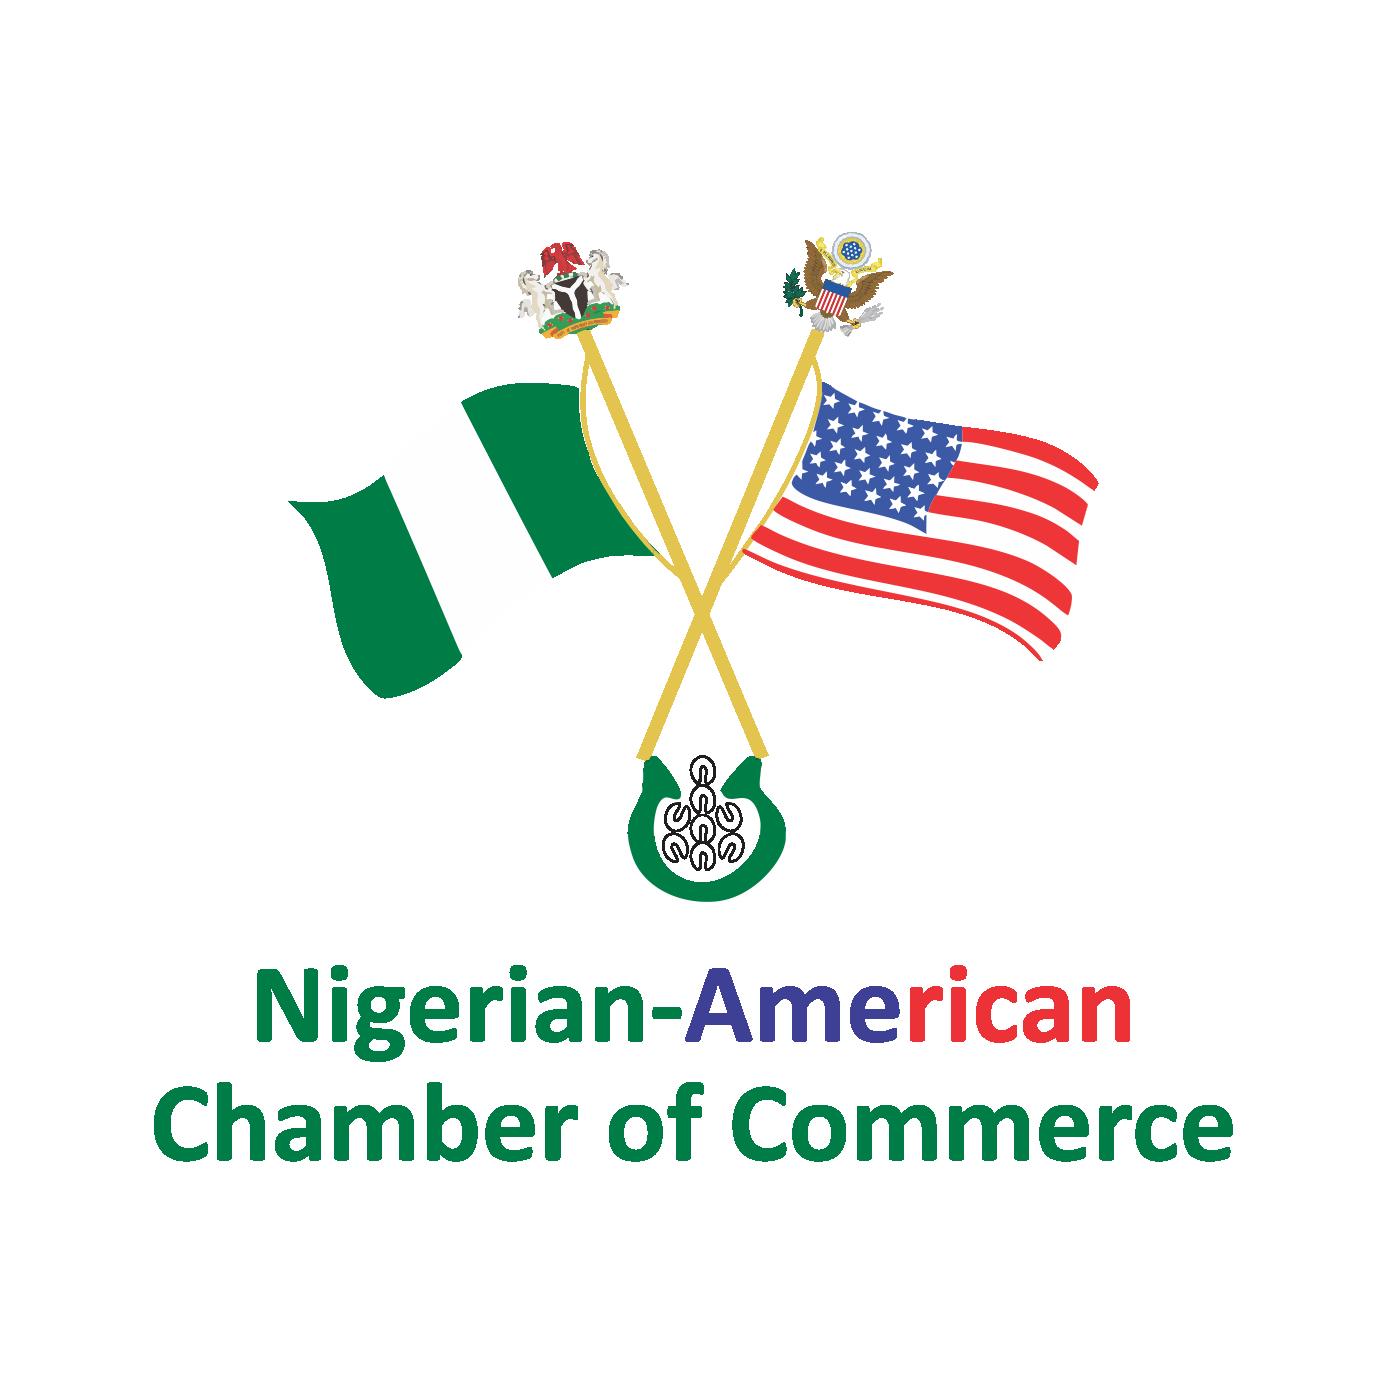 NACC seeks better tariffs